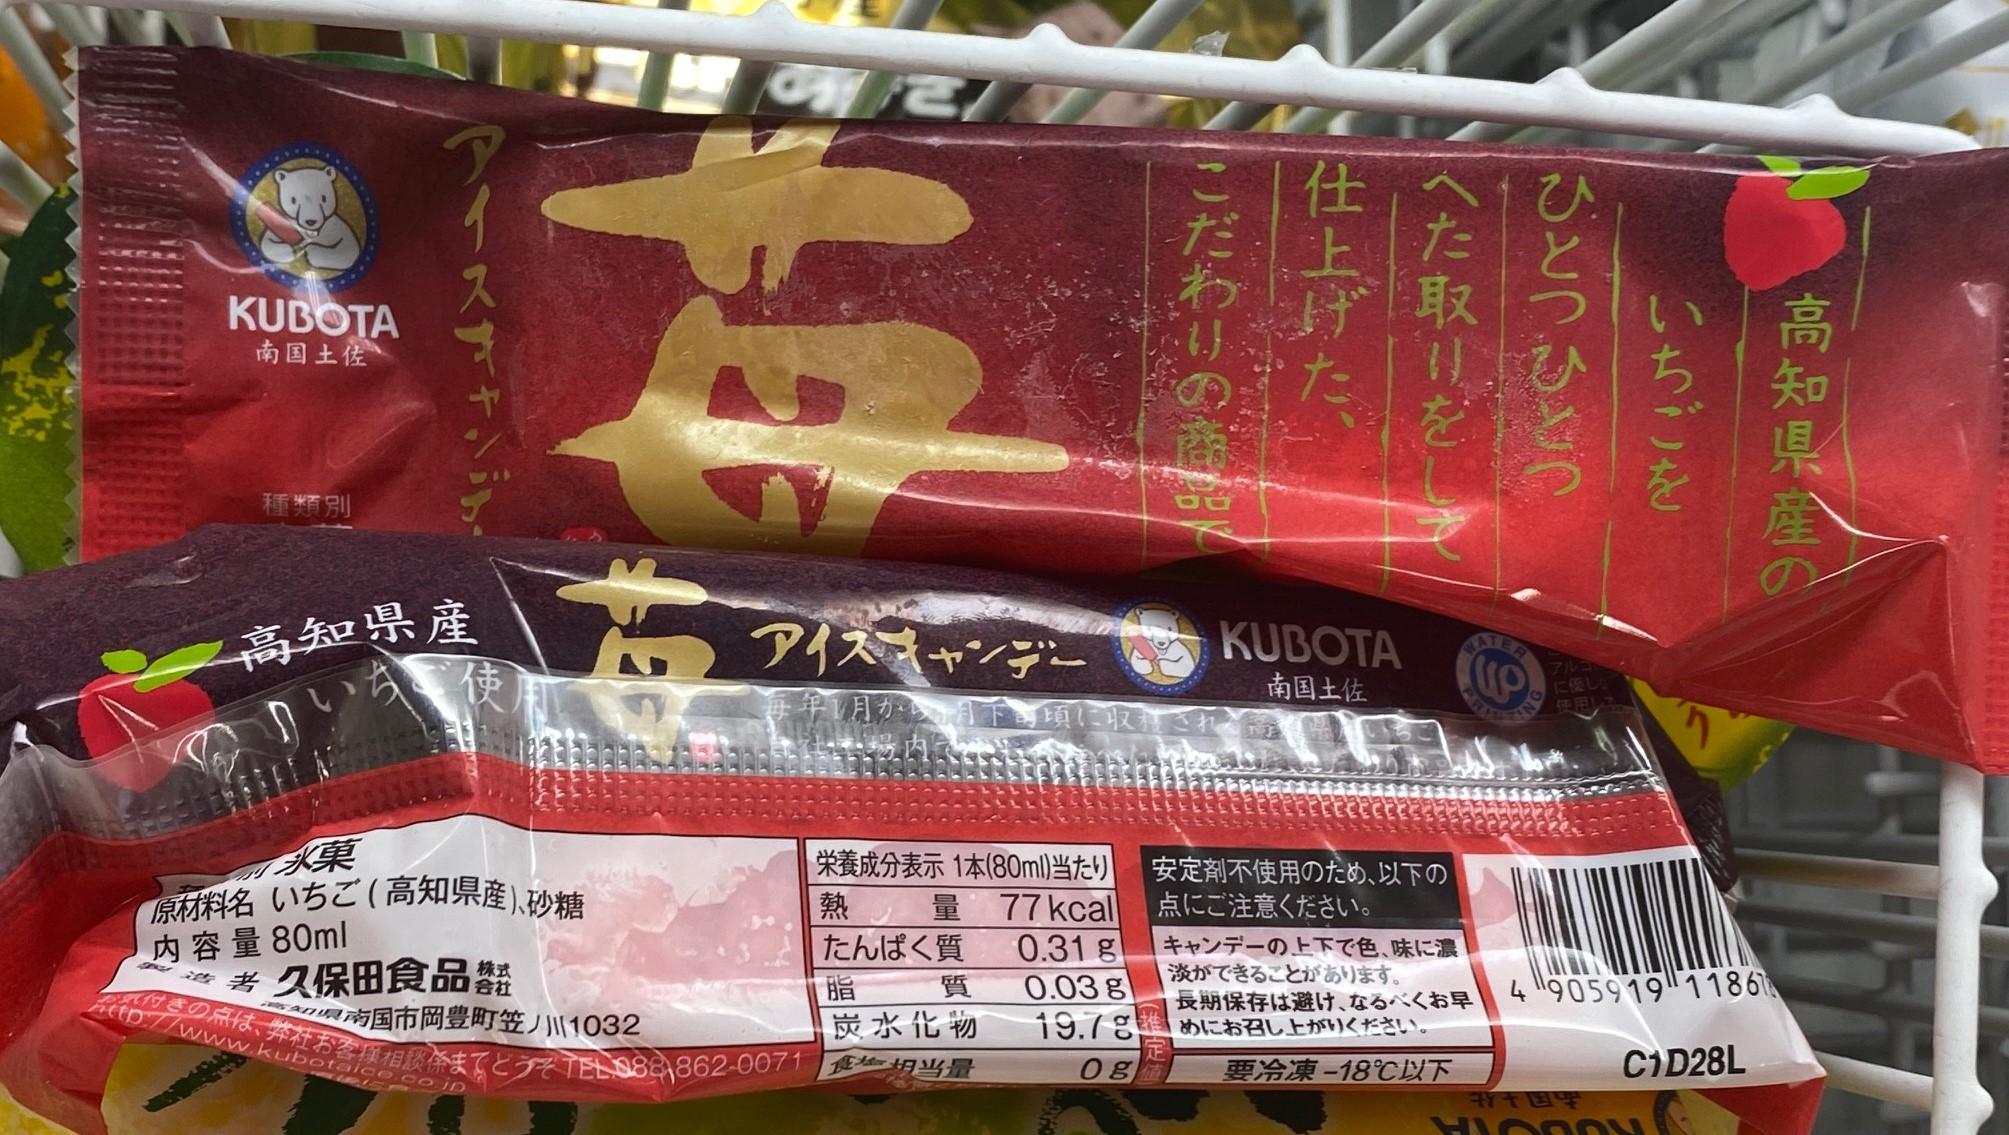 Kubota Strawberry Ice Candy